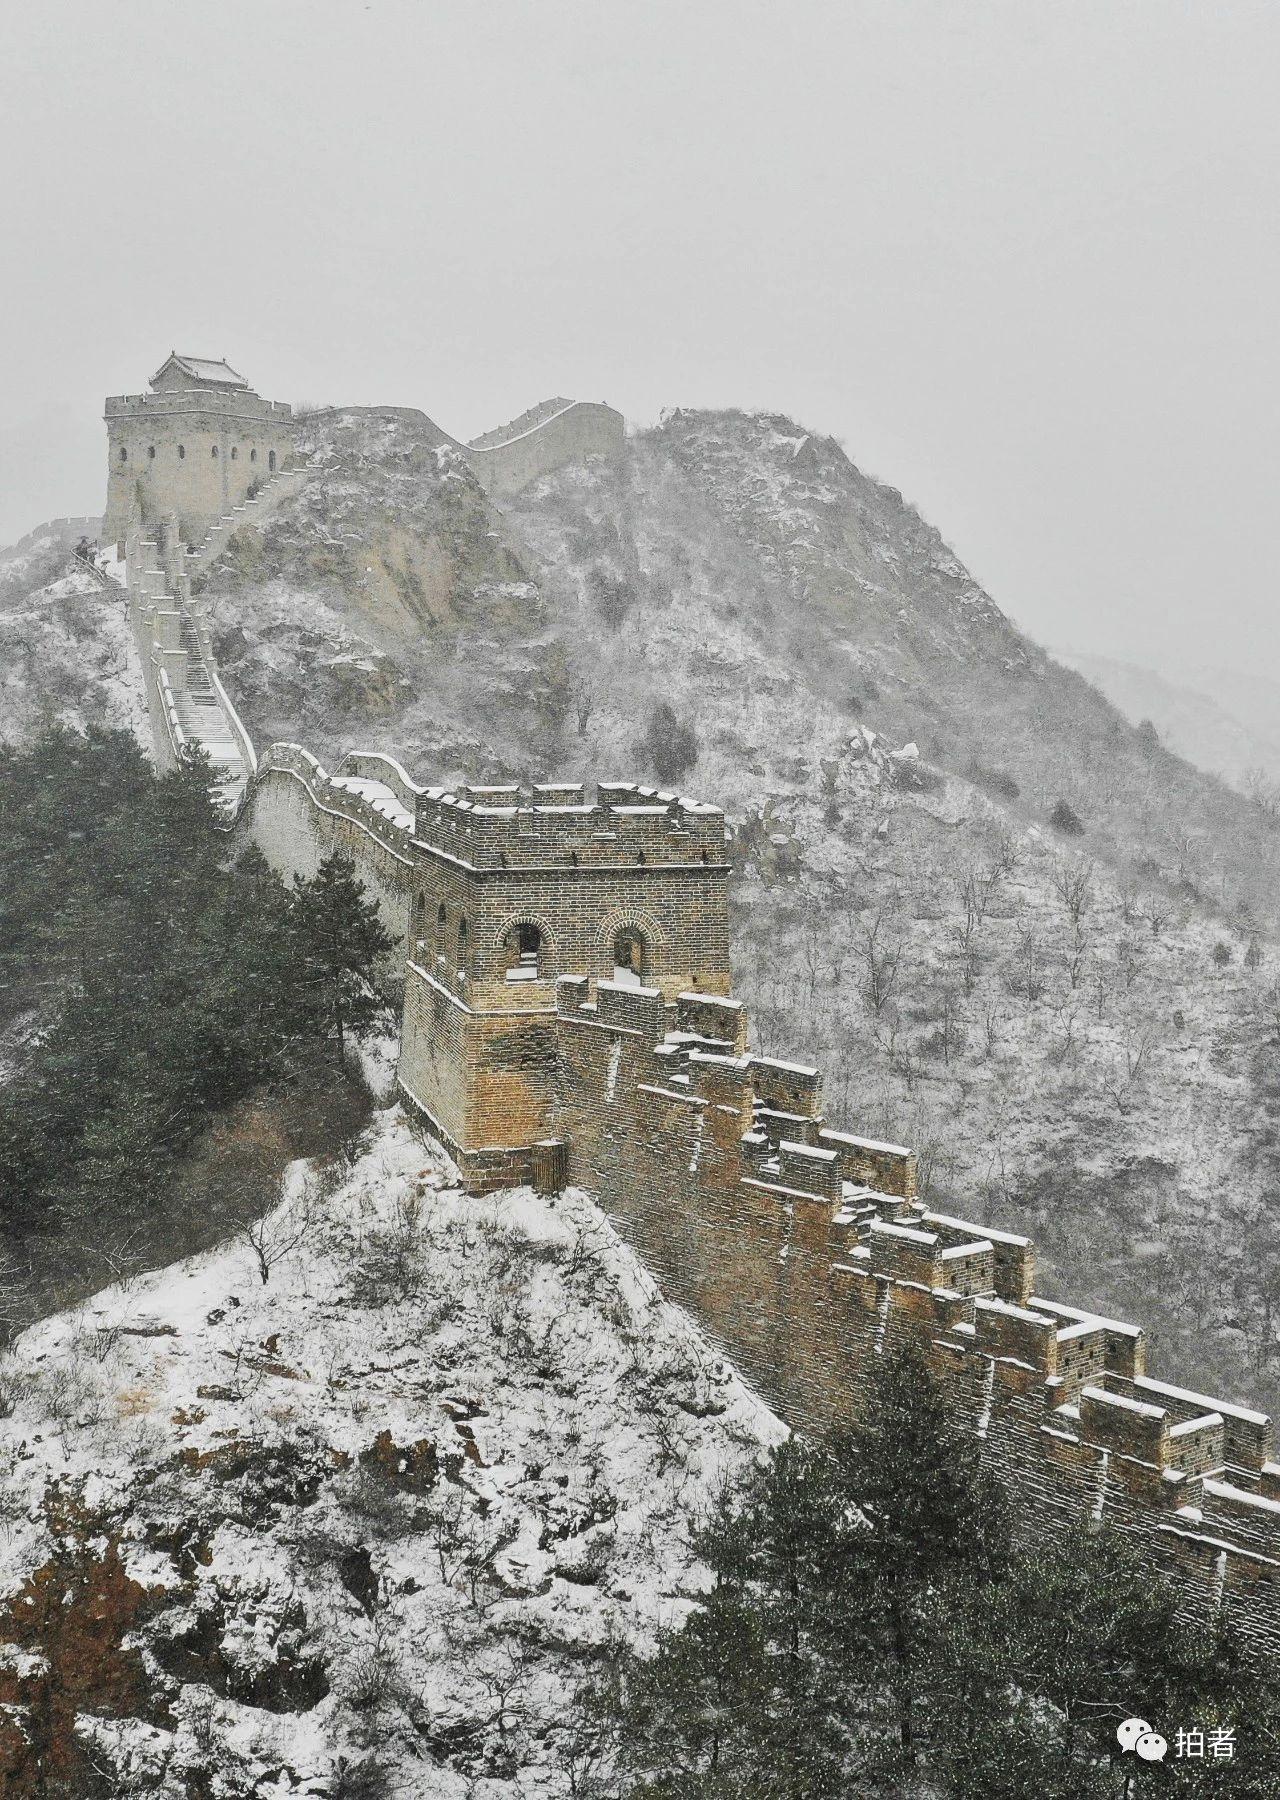 北京初雪最全图集来了!一文看遍城里城外 最新热点 第32张